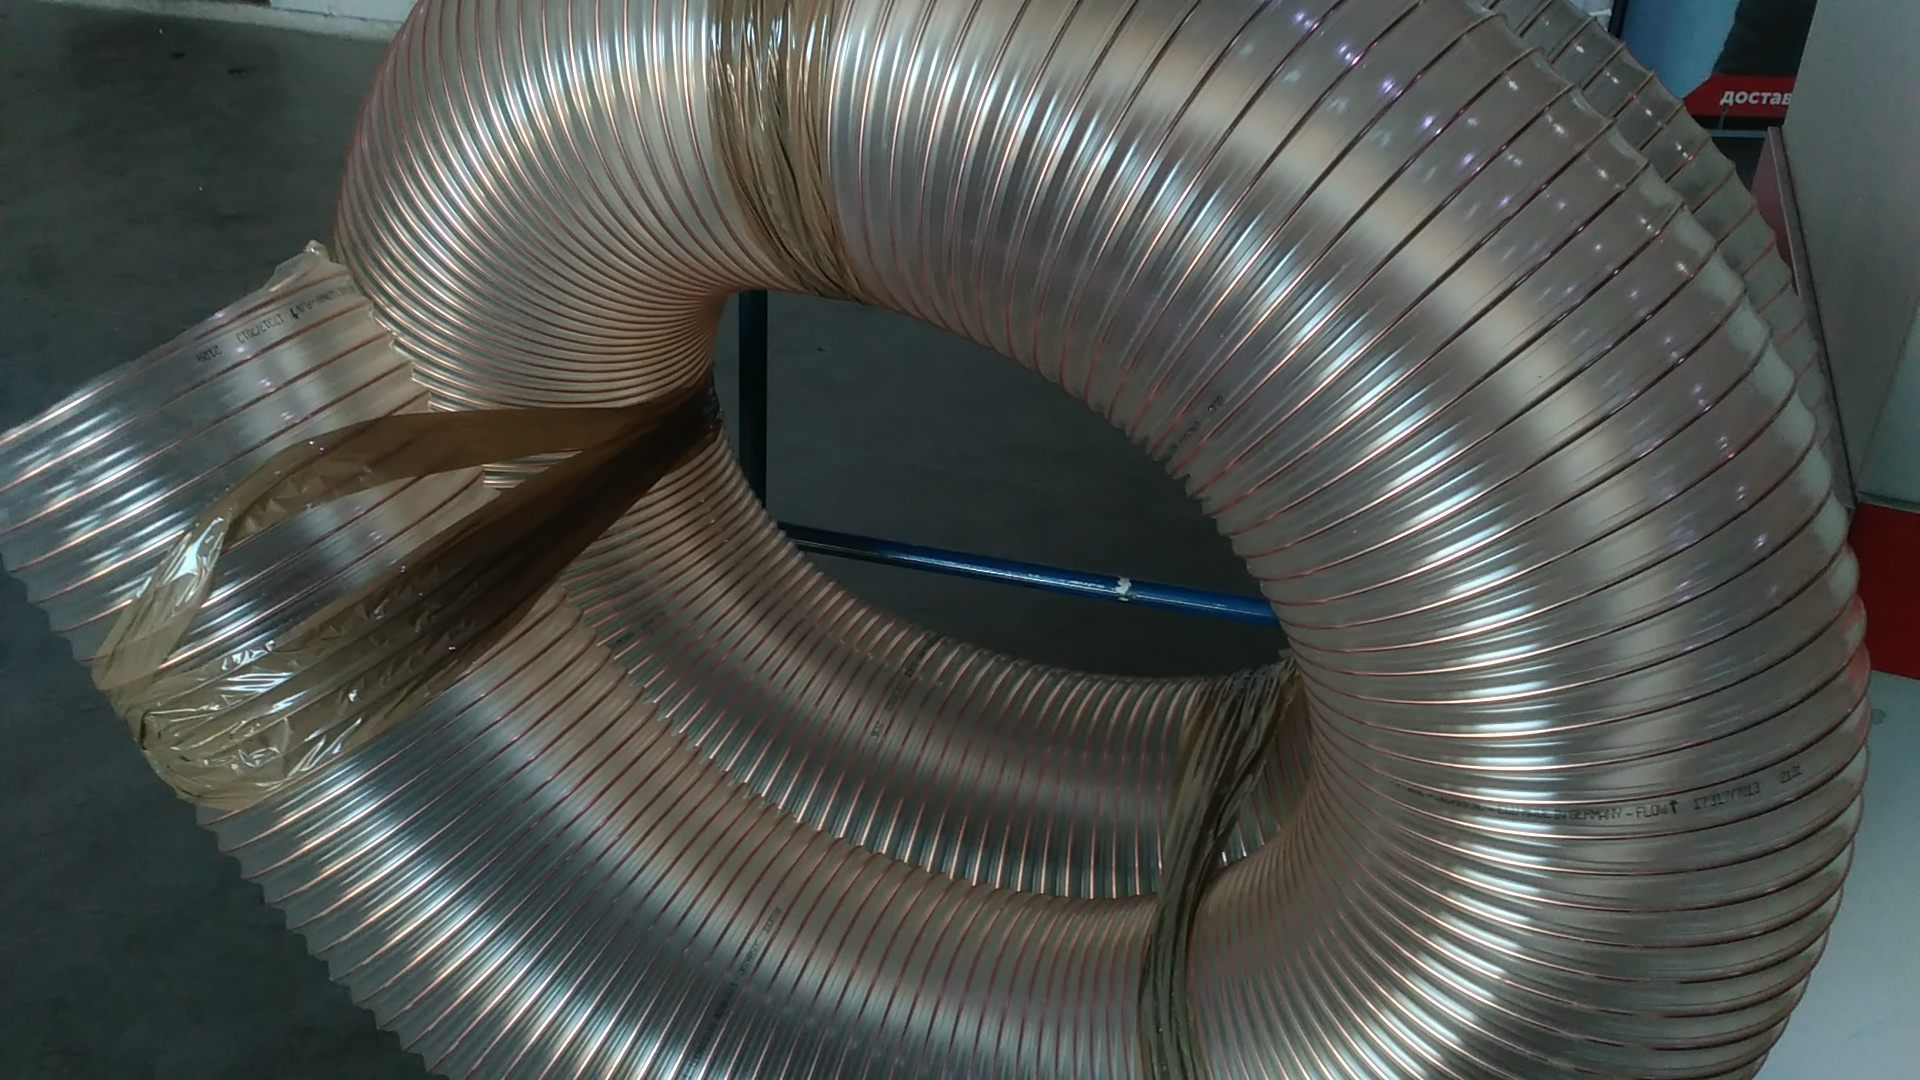 Рукав полиуретановый 203 мм PU 0,9 мм для зерна,шланг для зерна,гибкие армированные шланги, шланги полиуретановые для абразивных материалов